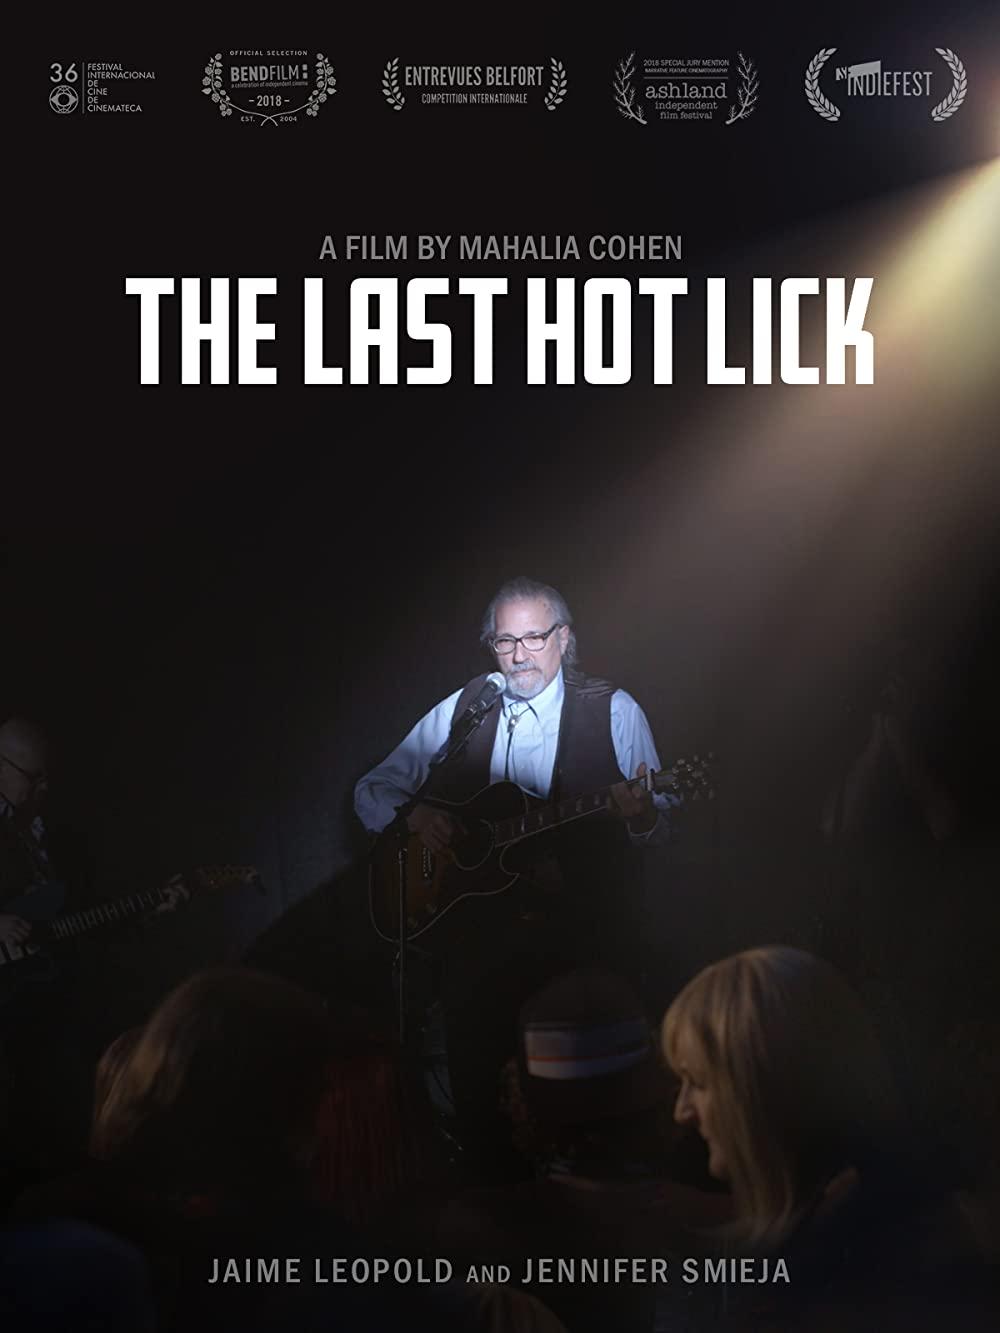 The Last Hot Lick